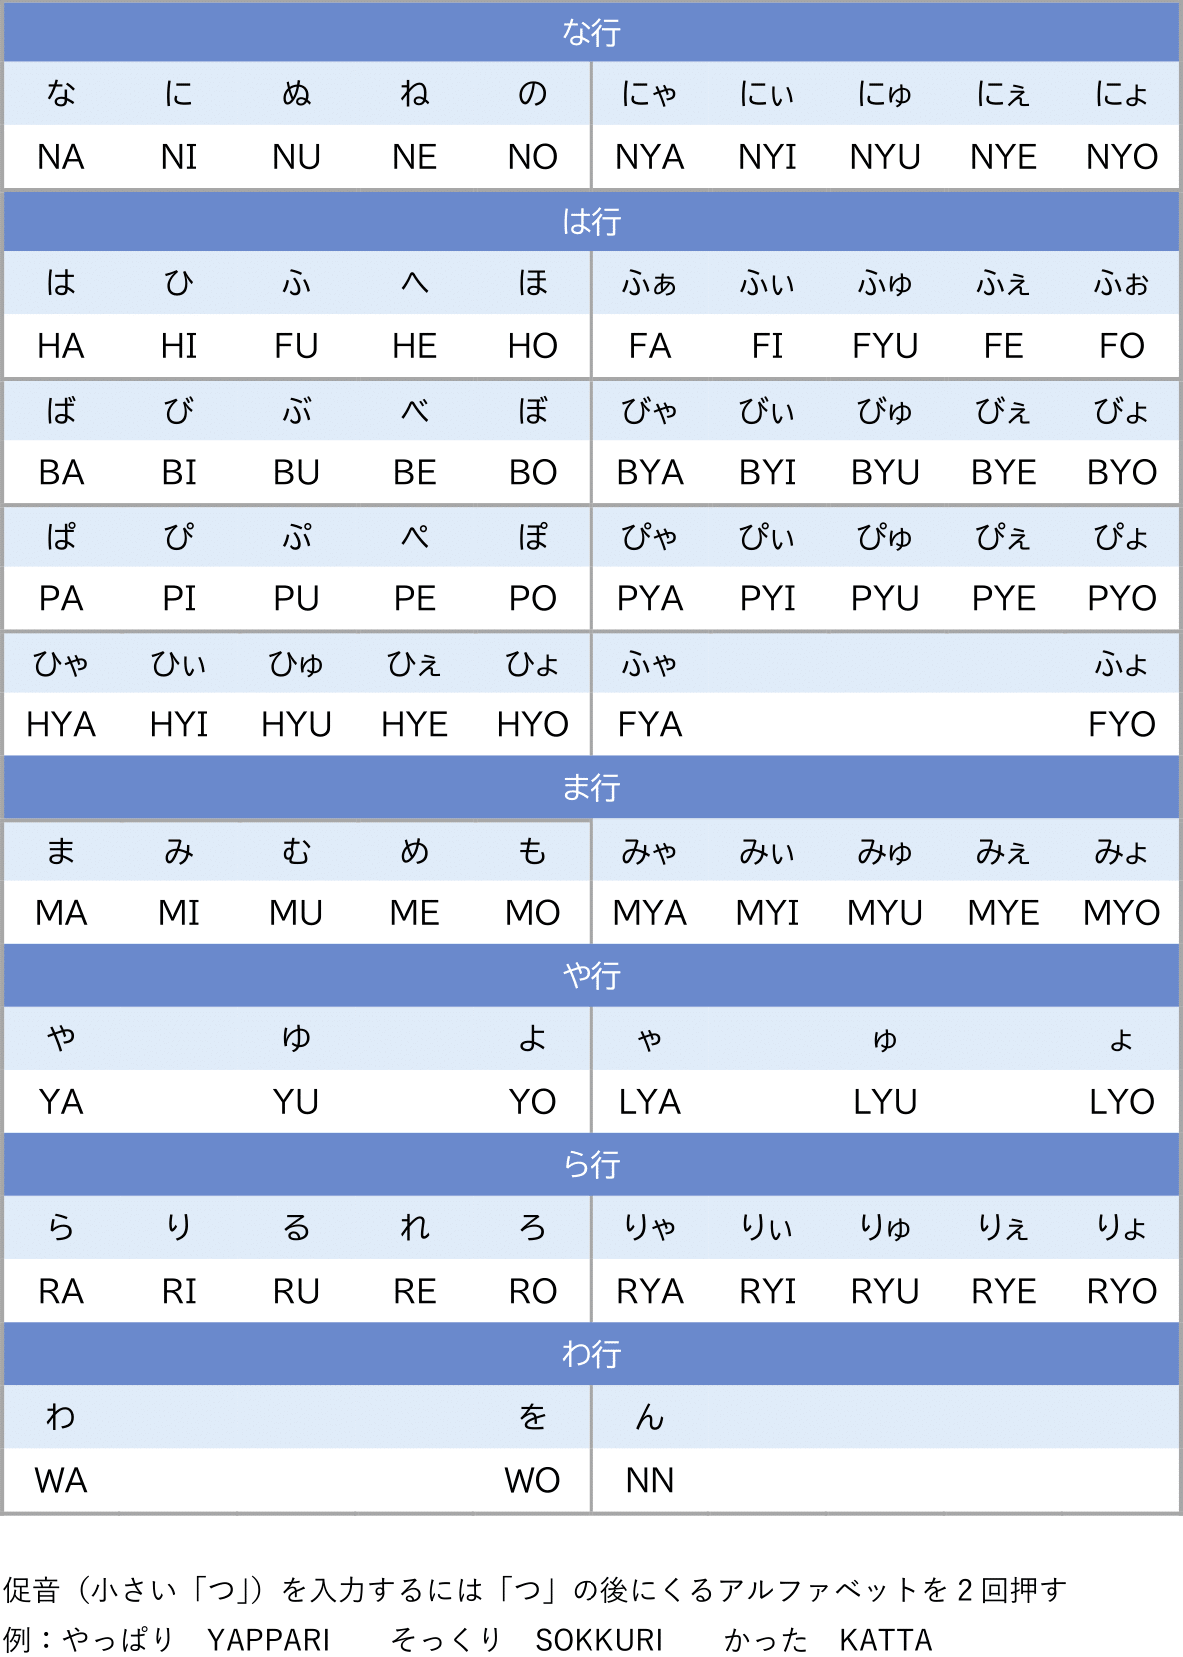 棒 ローマ字 伸ばし